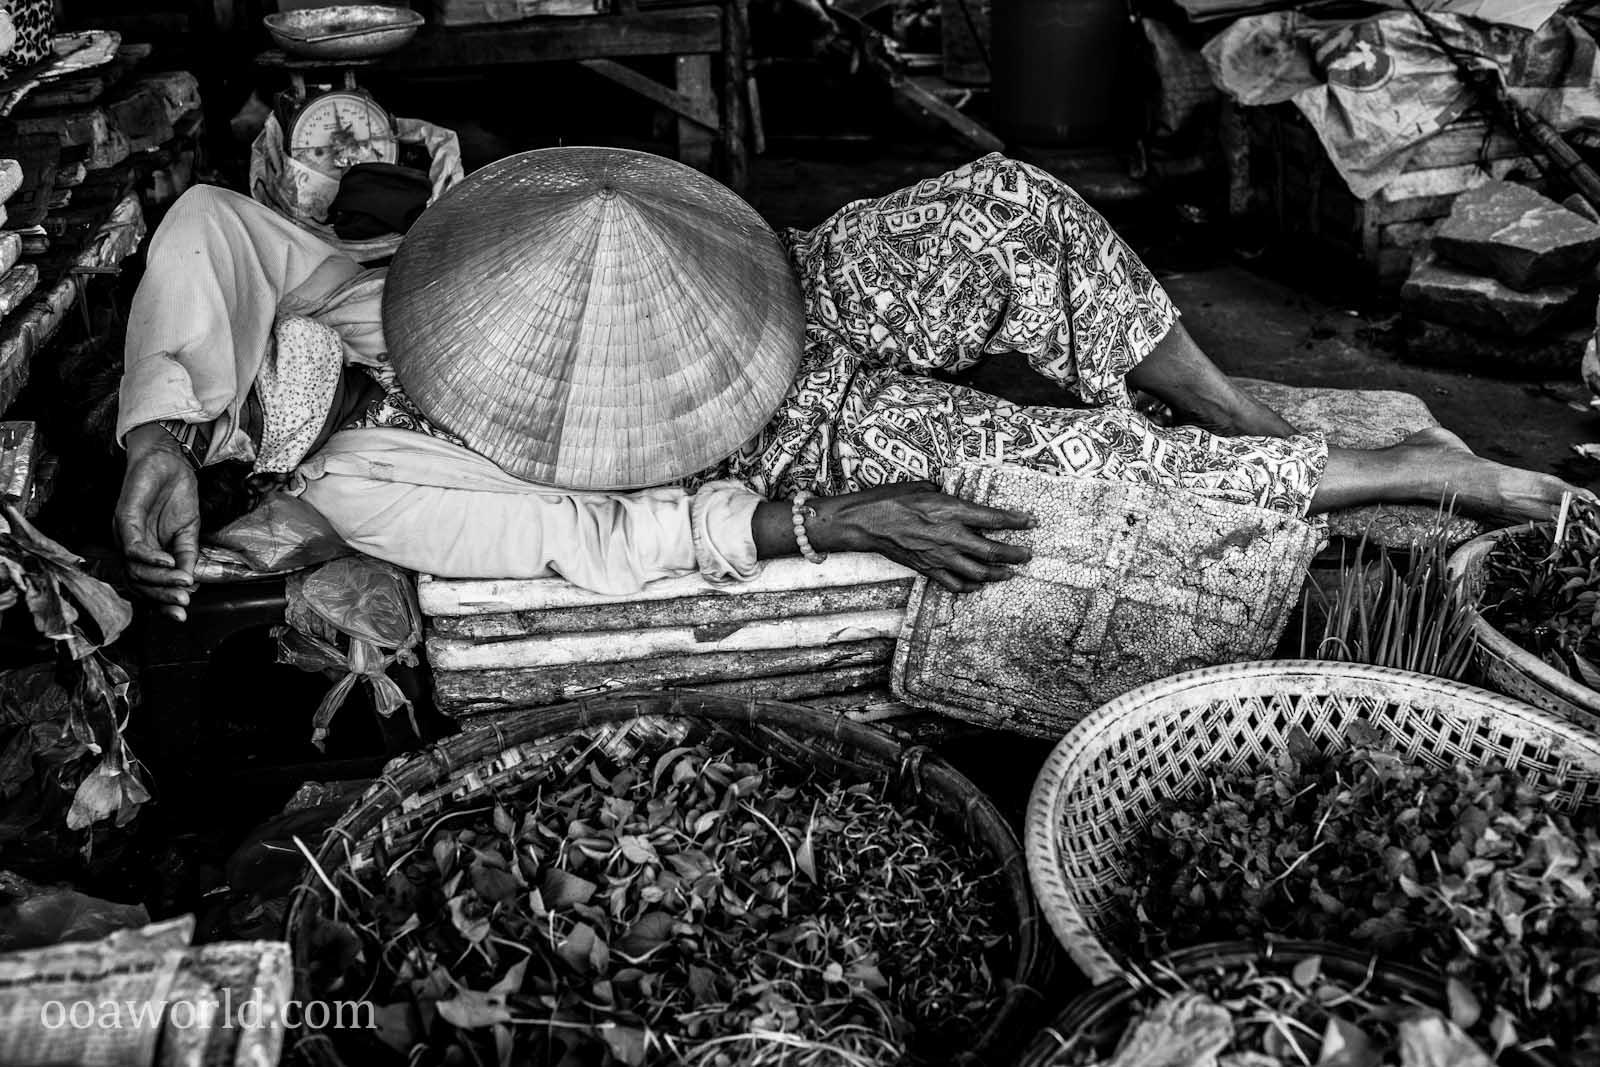 Hoi An Market Nap Photo Ooaworld